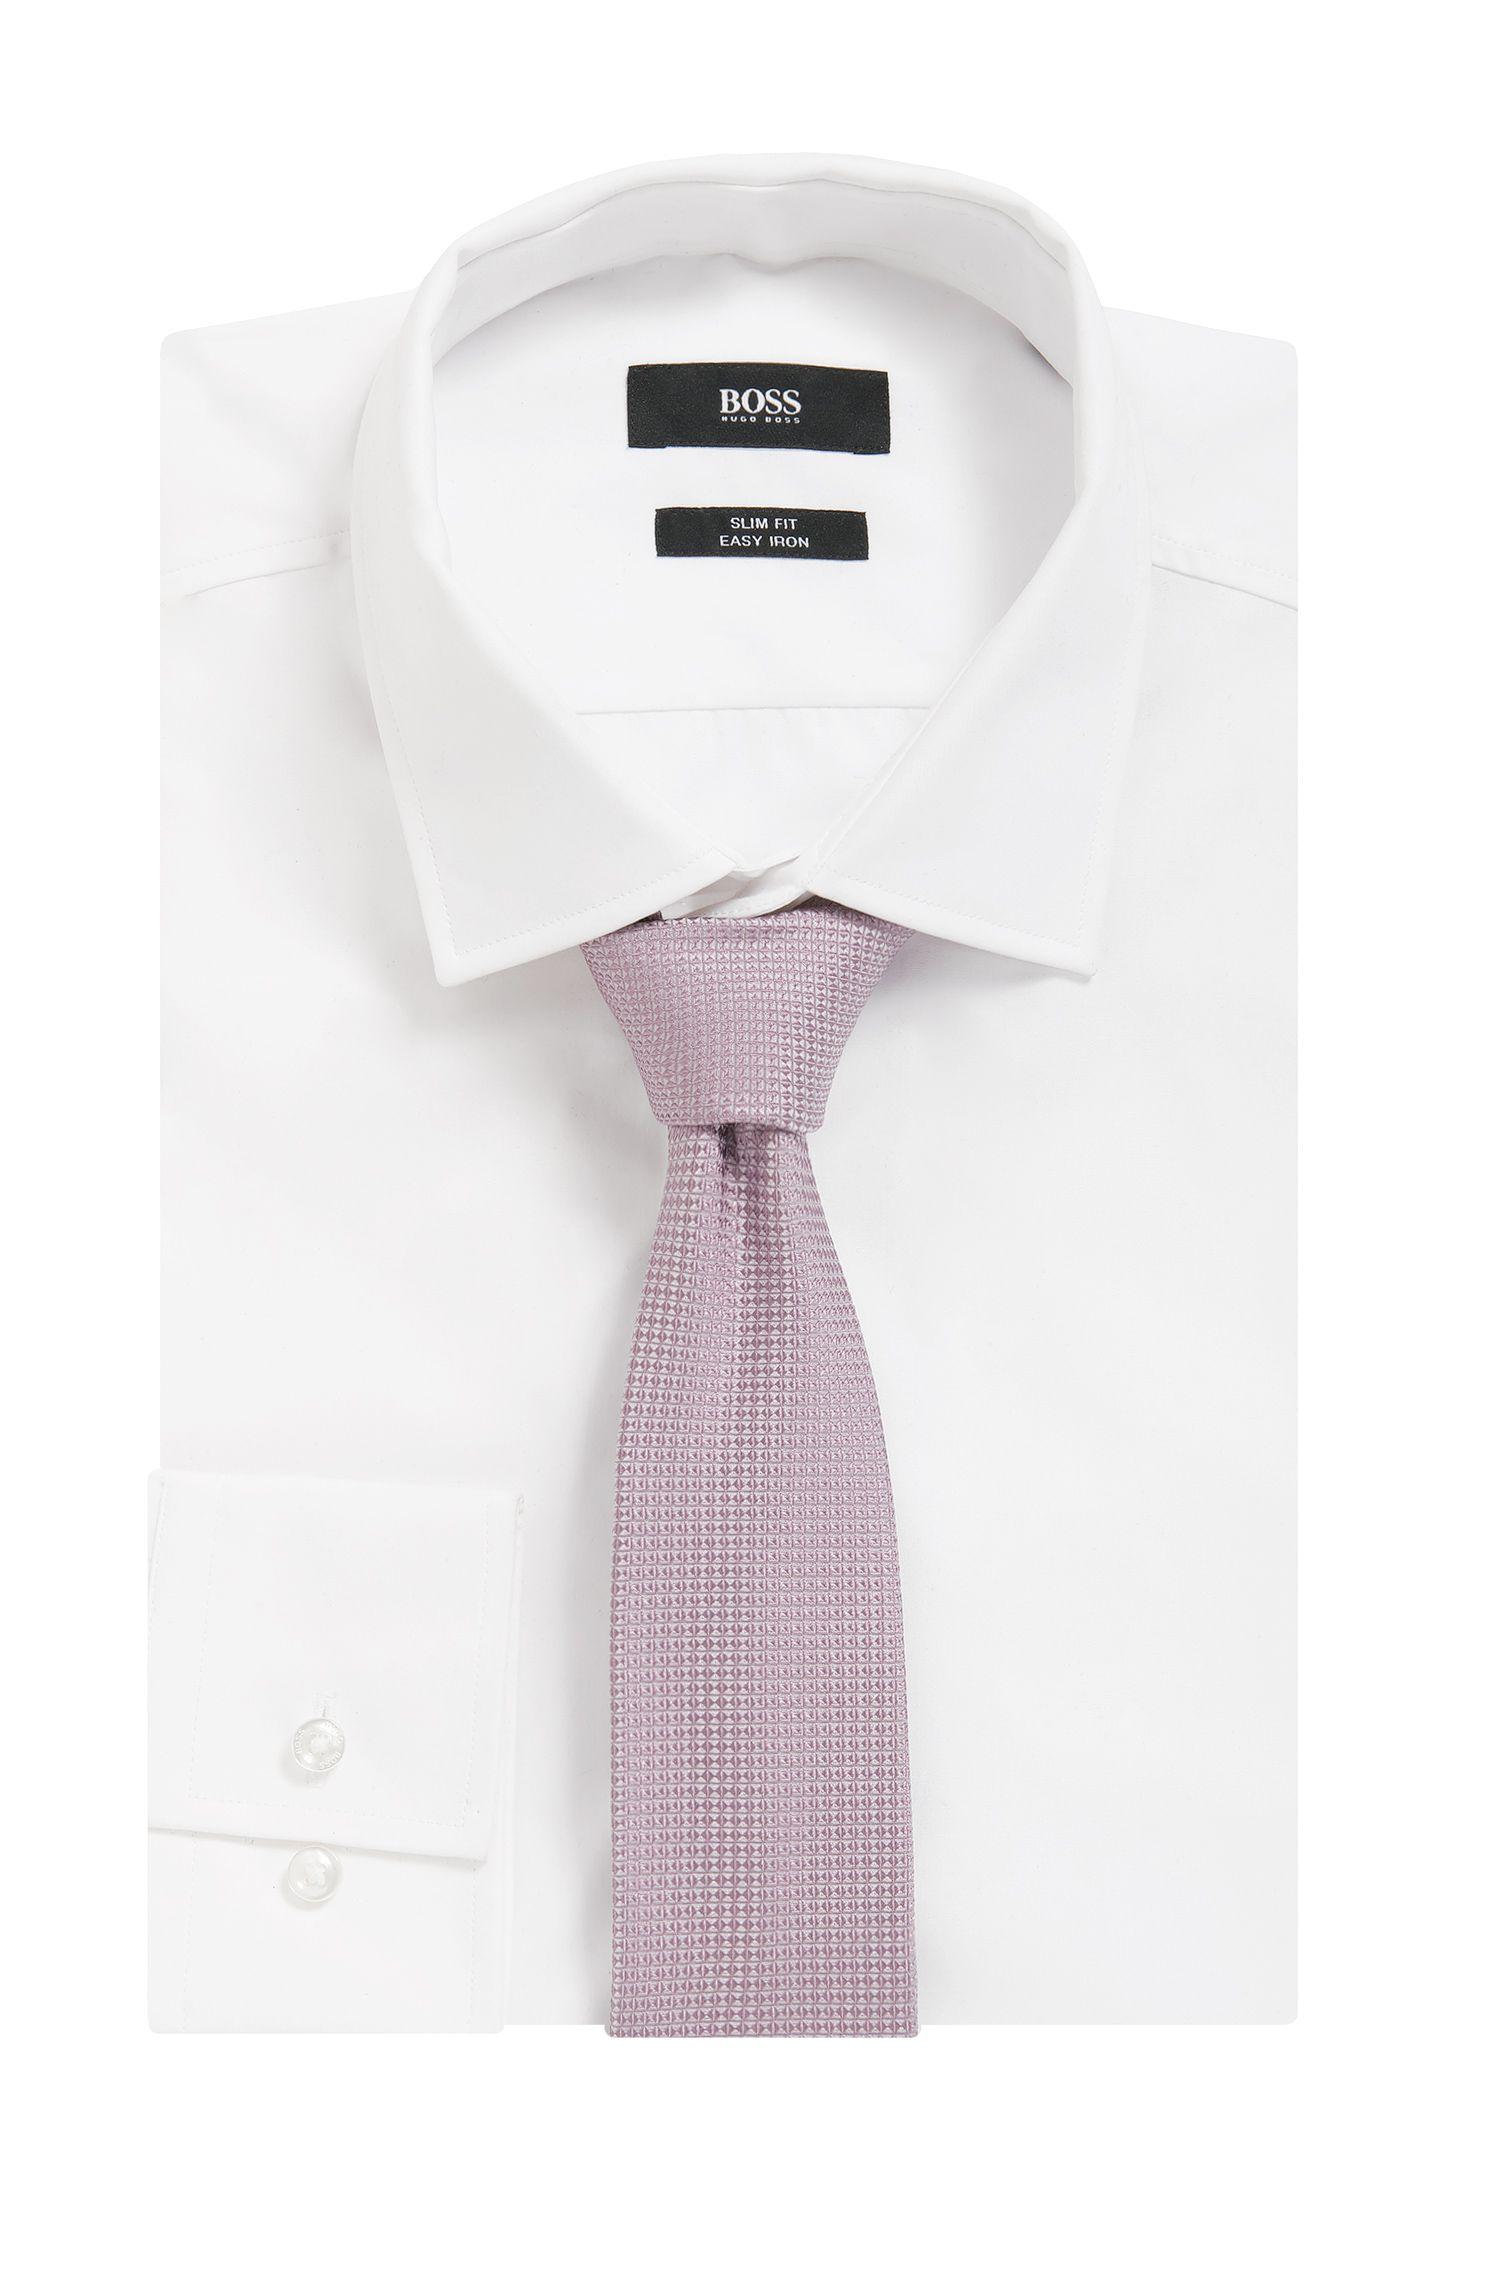 In Italien gefertigte Krawatte aus gemustertem Seiden-Jacquard